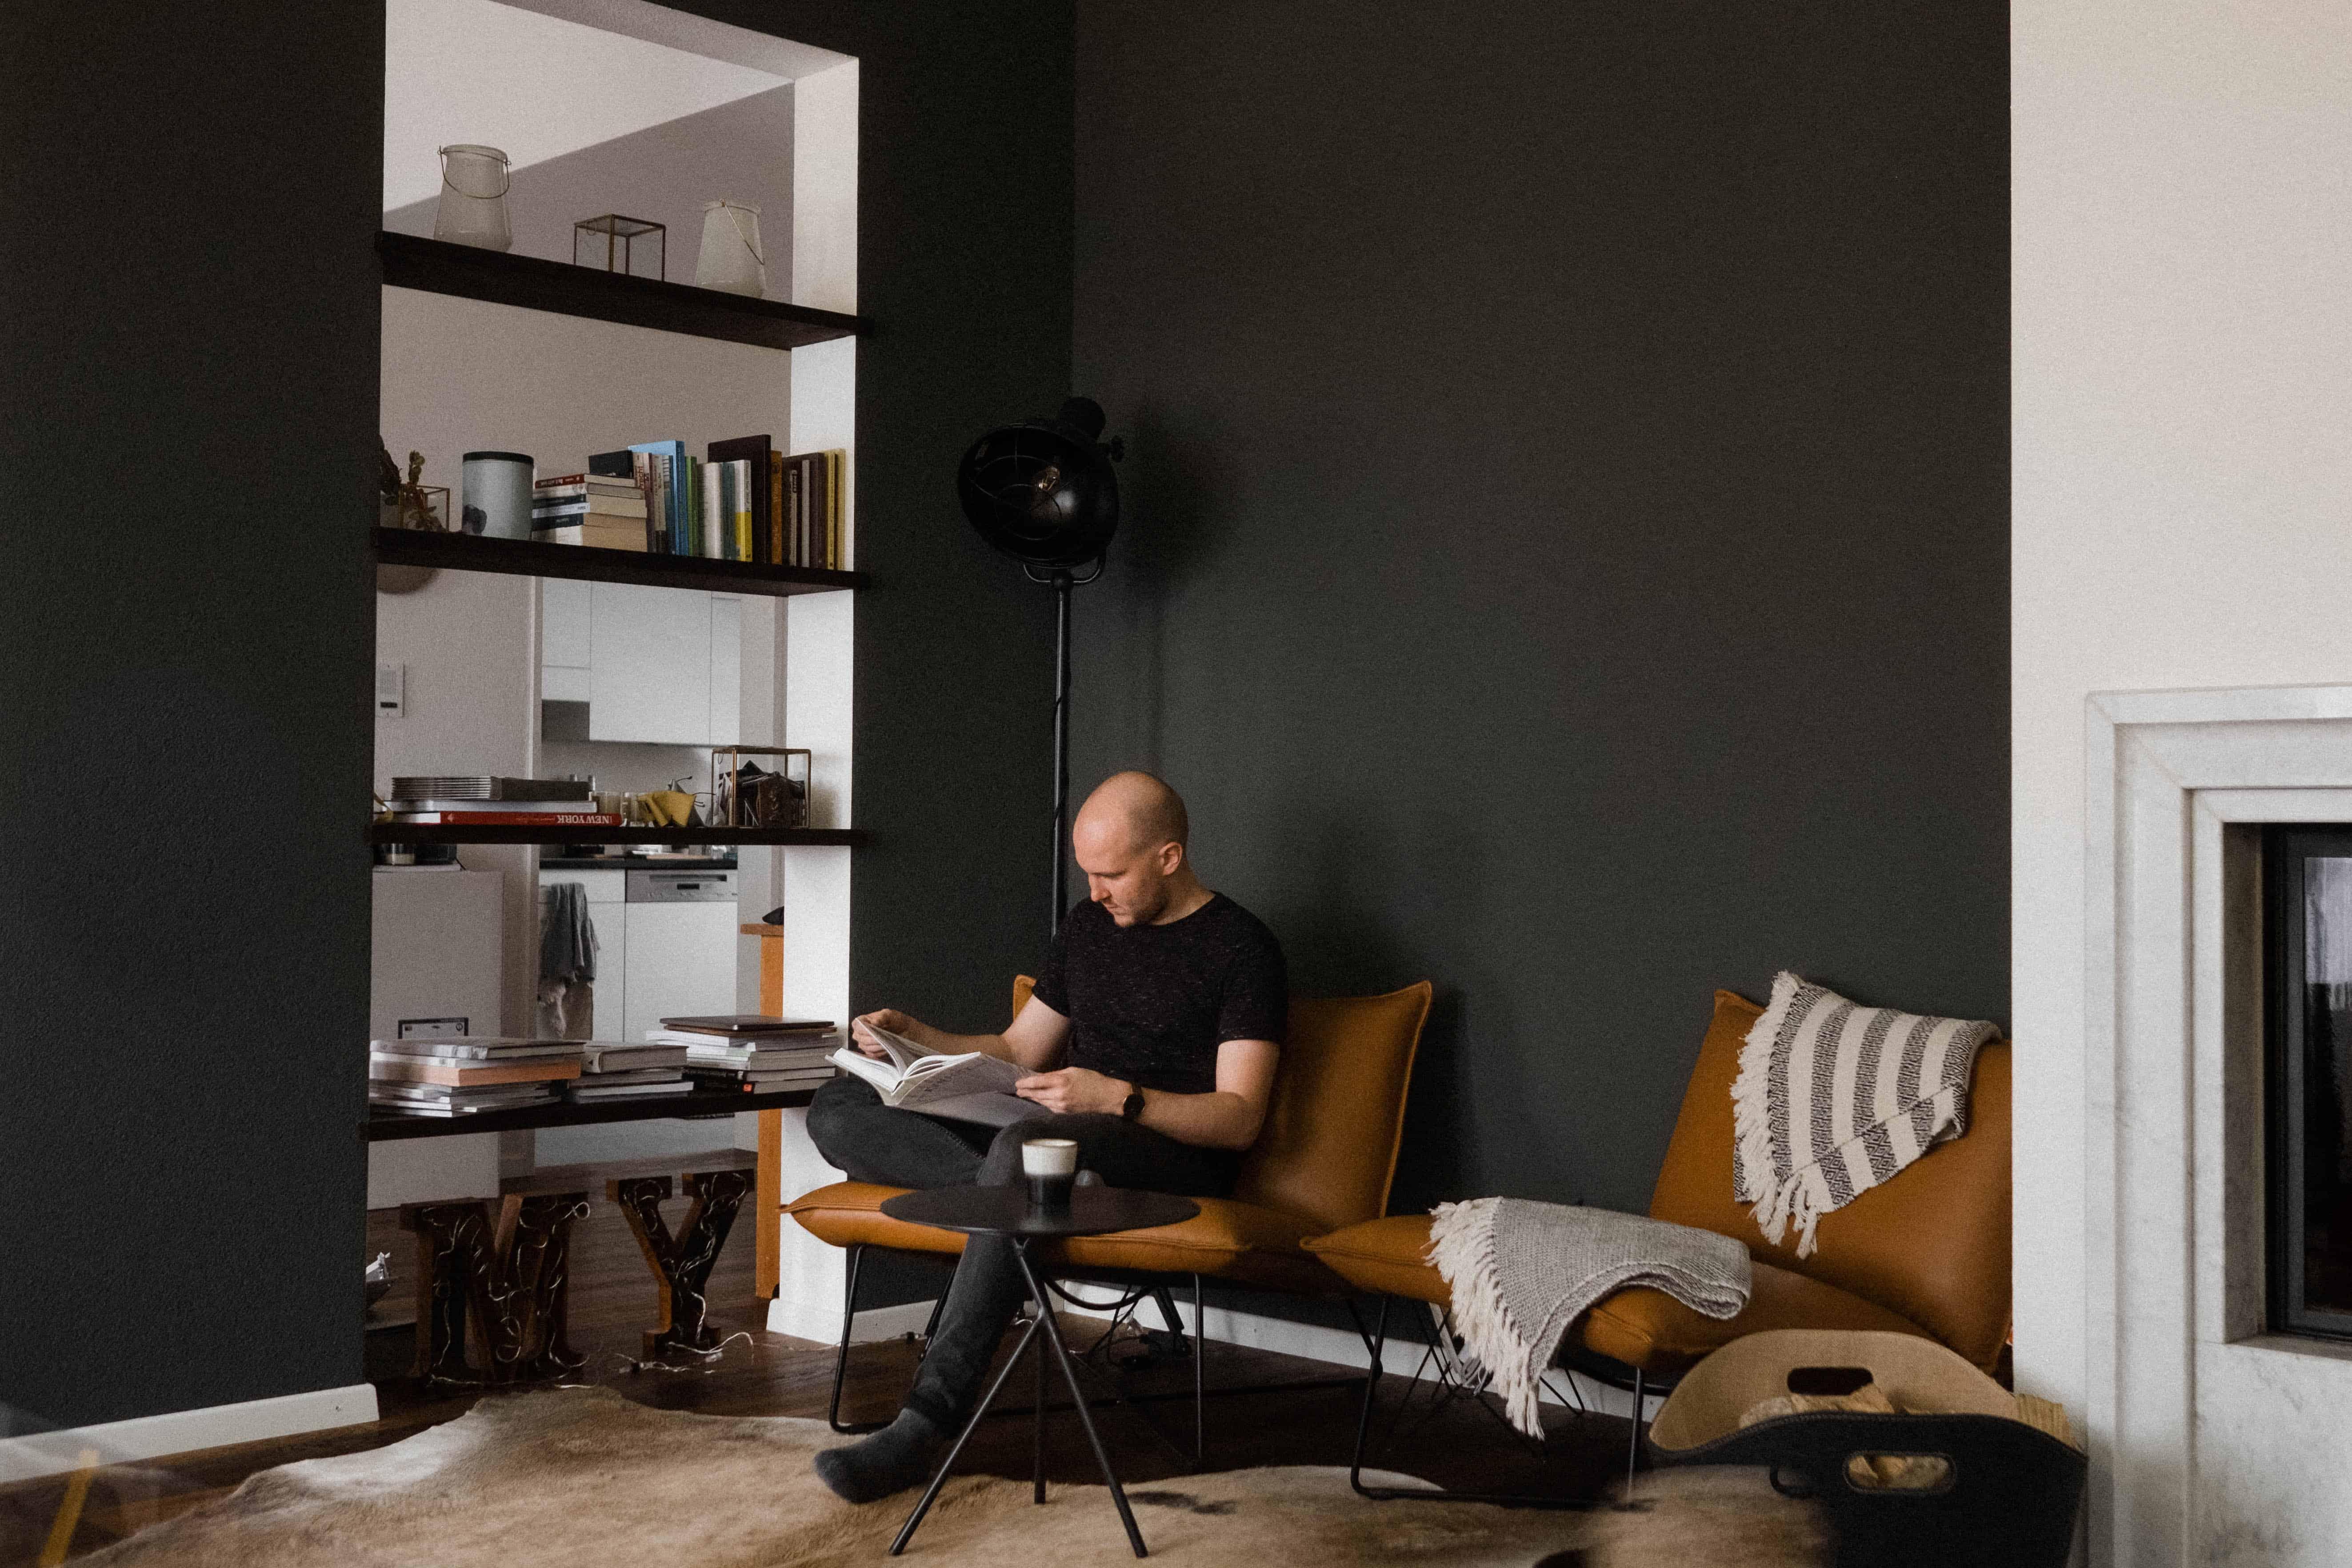 ein Mann sitzt in einem Wohnzimmer auf einem Ledersessel, er liest in einem Buch, neben ihm steht ein offenes Regal, in dem Bücher stehen